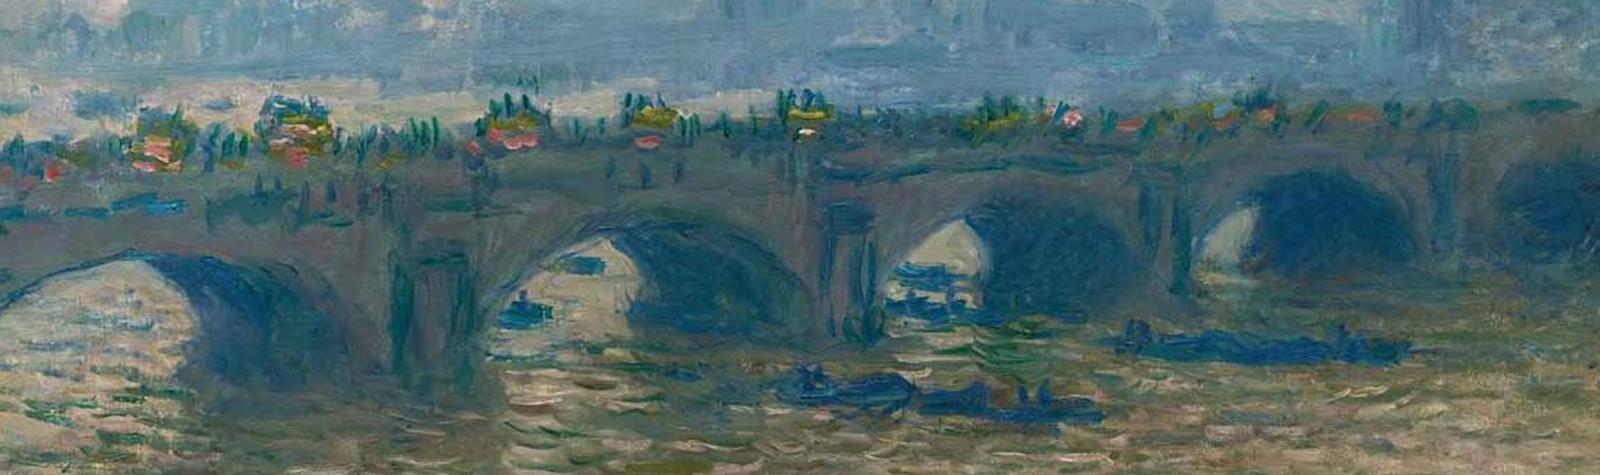 I capolavori degli impressionisti a Padova